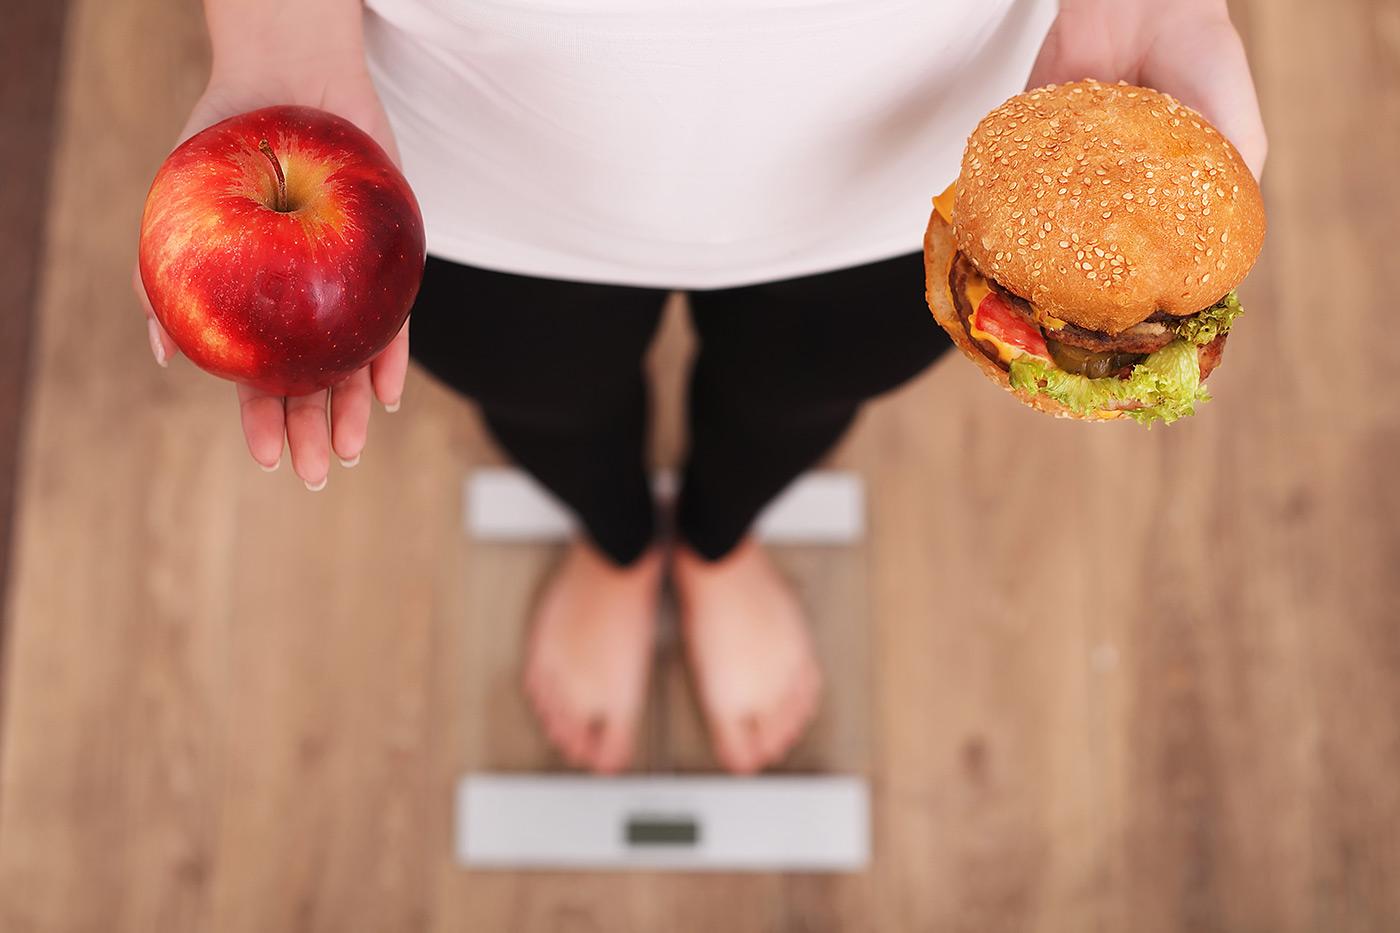 Emagrecer lentamente aumenta a chance de permanecer magro